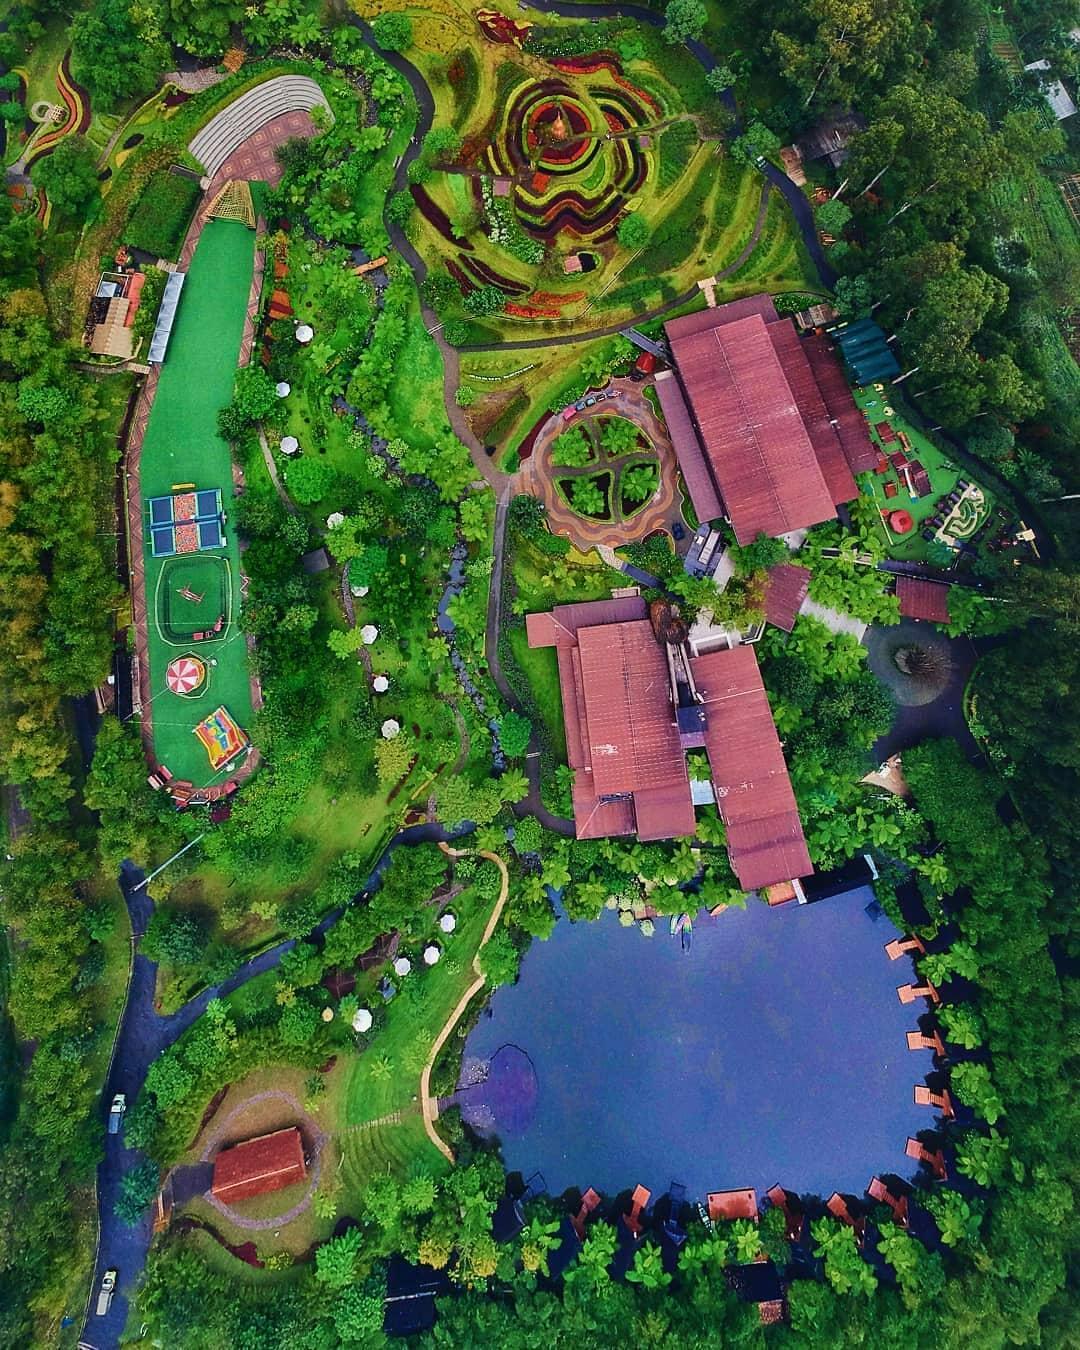 Harga Tiket Masuk Dusun Bambu Lembang Terbaru 6 - Wisatainfo